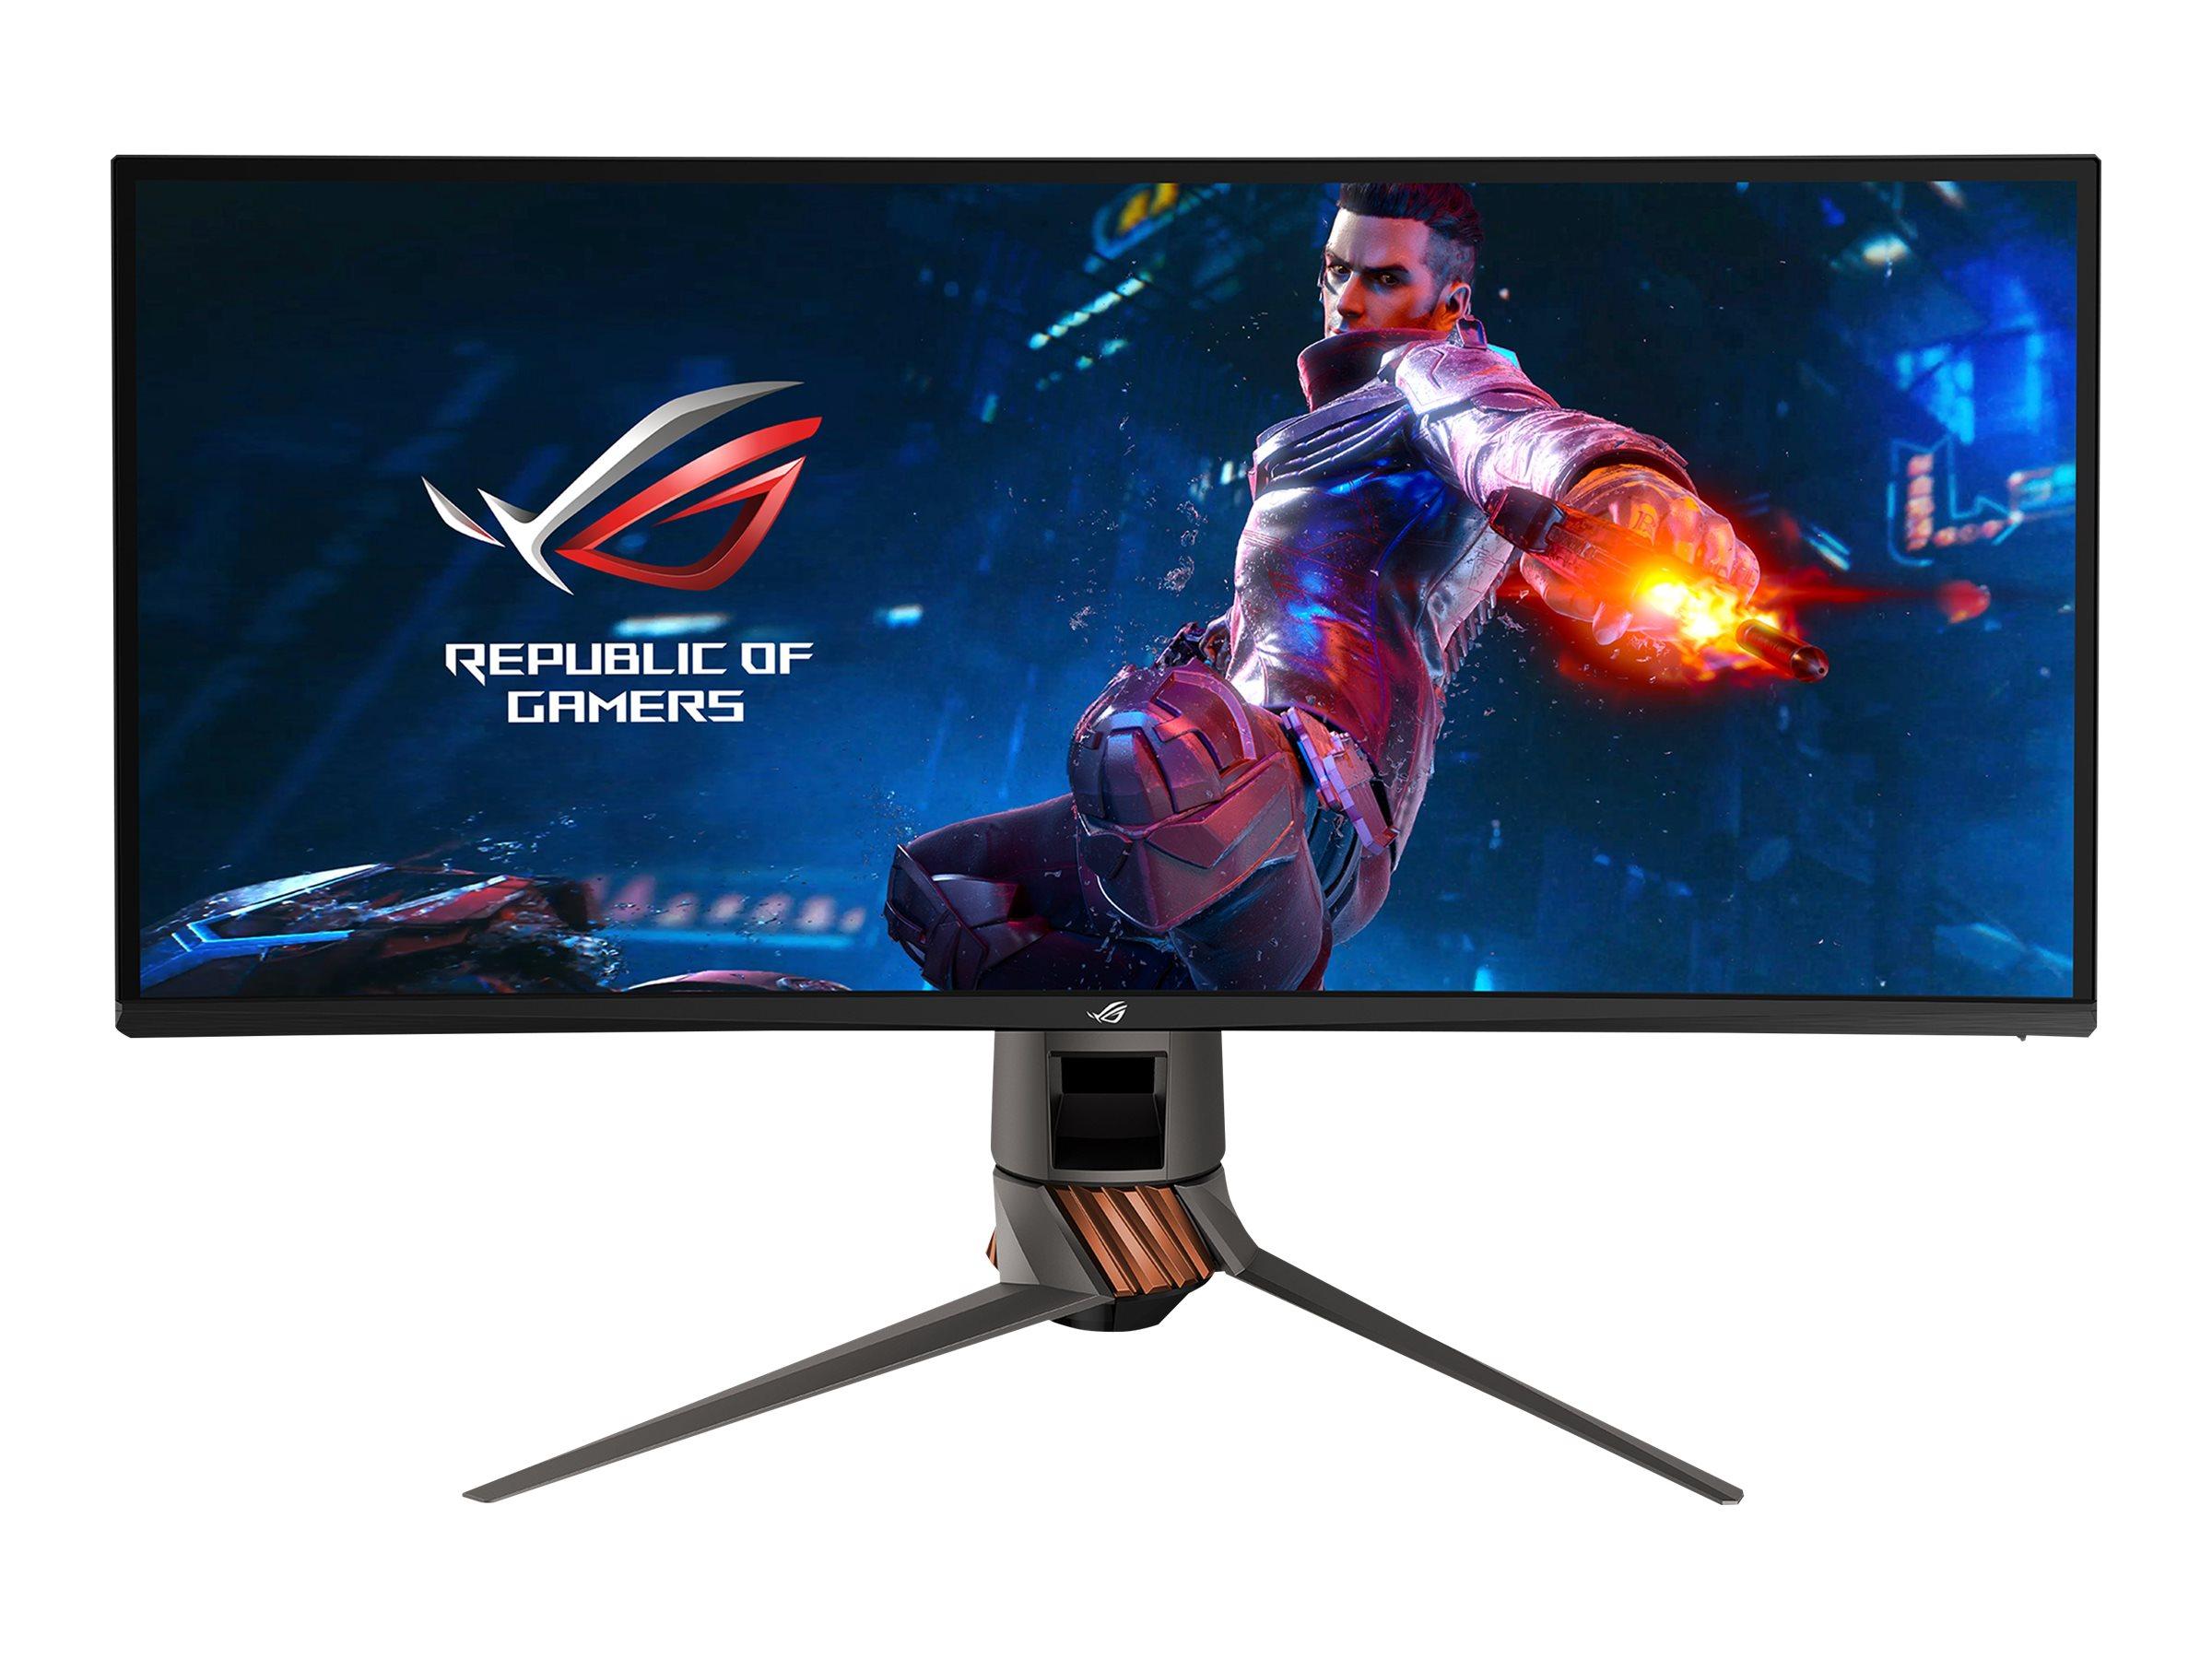 ASUS ROG SWIFT PG349Q - LED-Monitor - gebogen - 86.72 cm (34.14